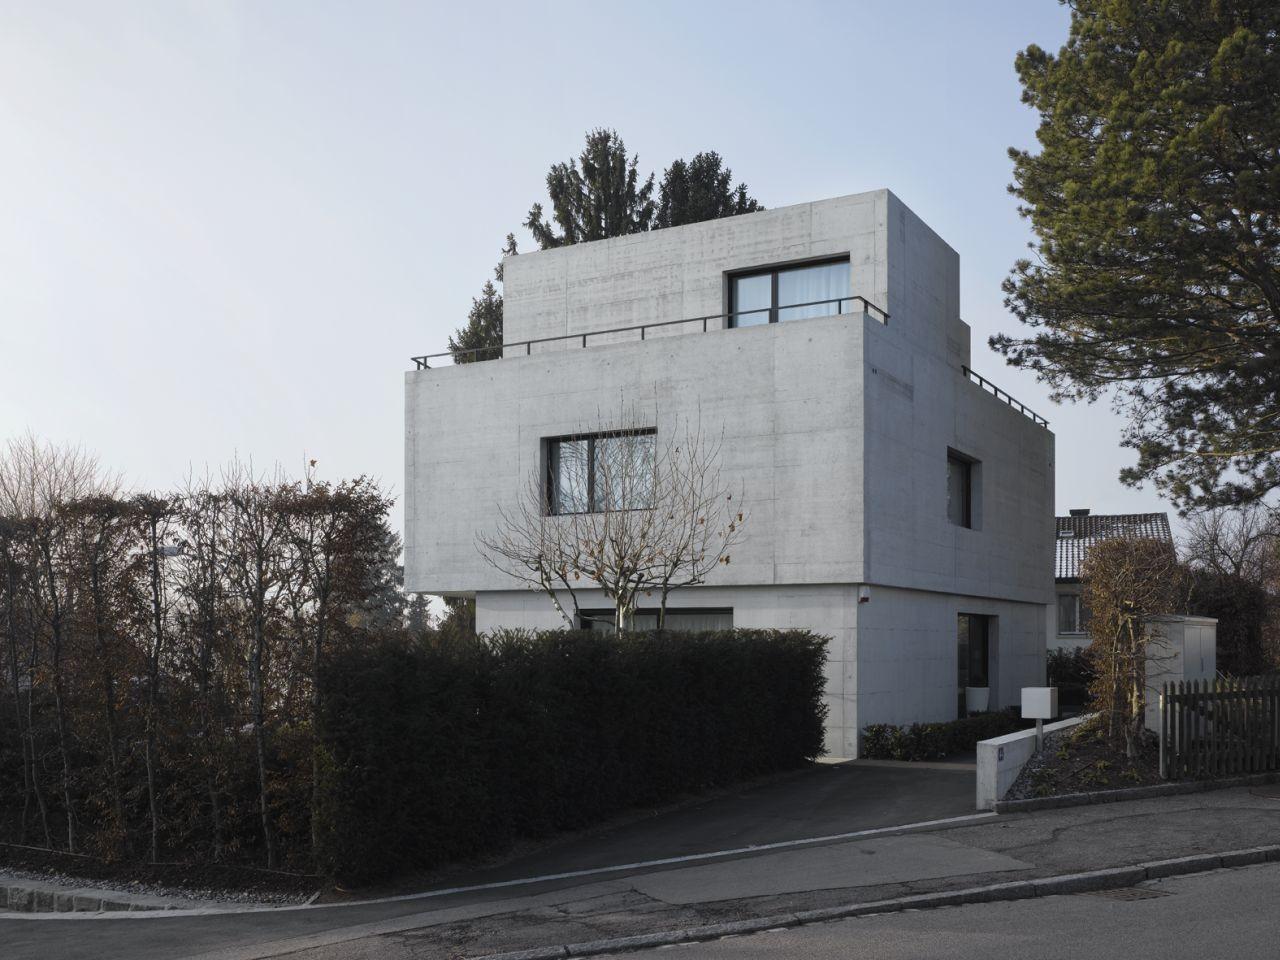 House Erlenbach / Spillmann Echsle